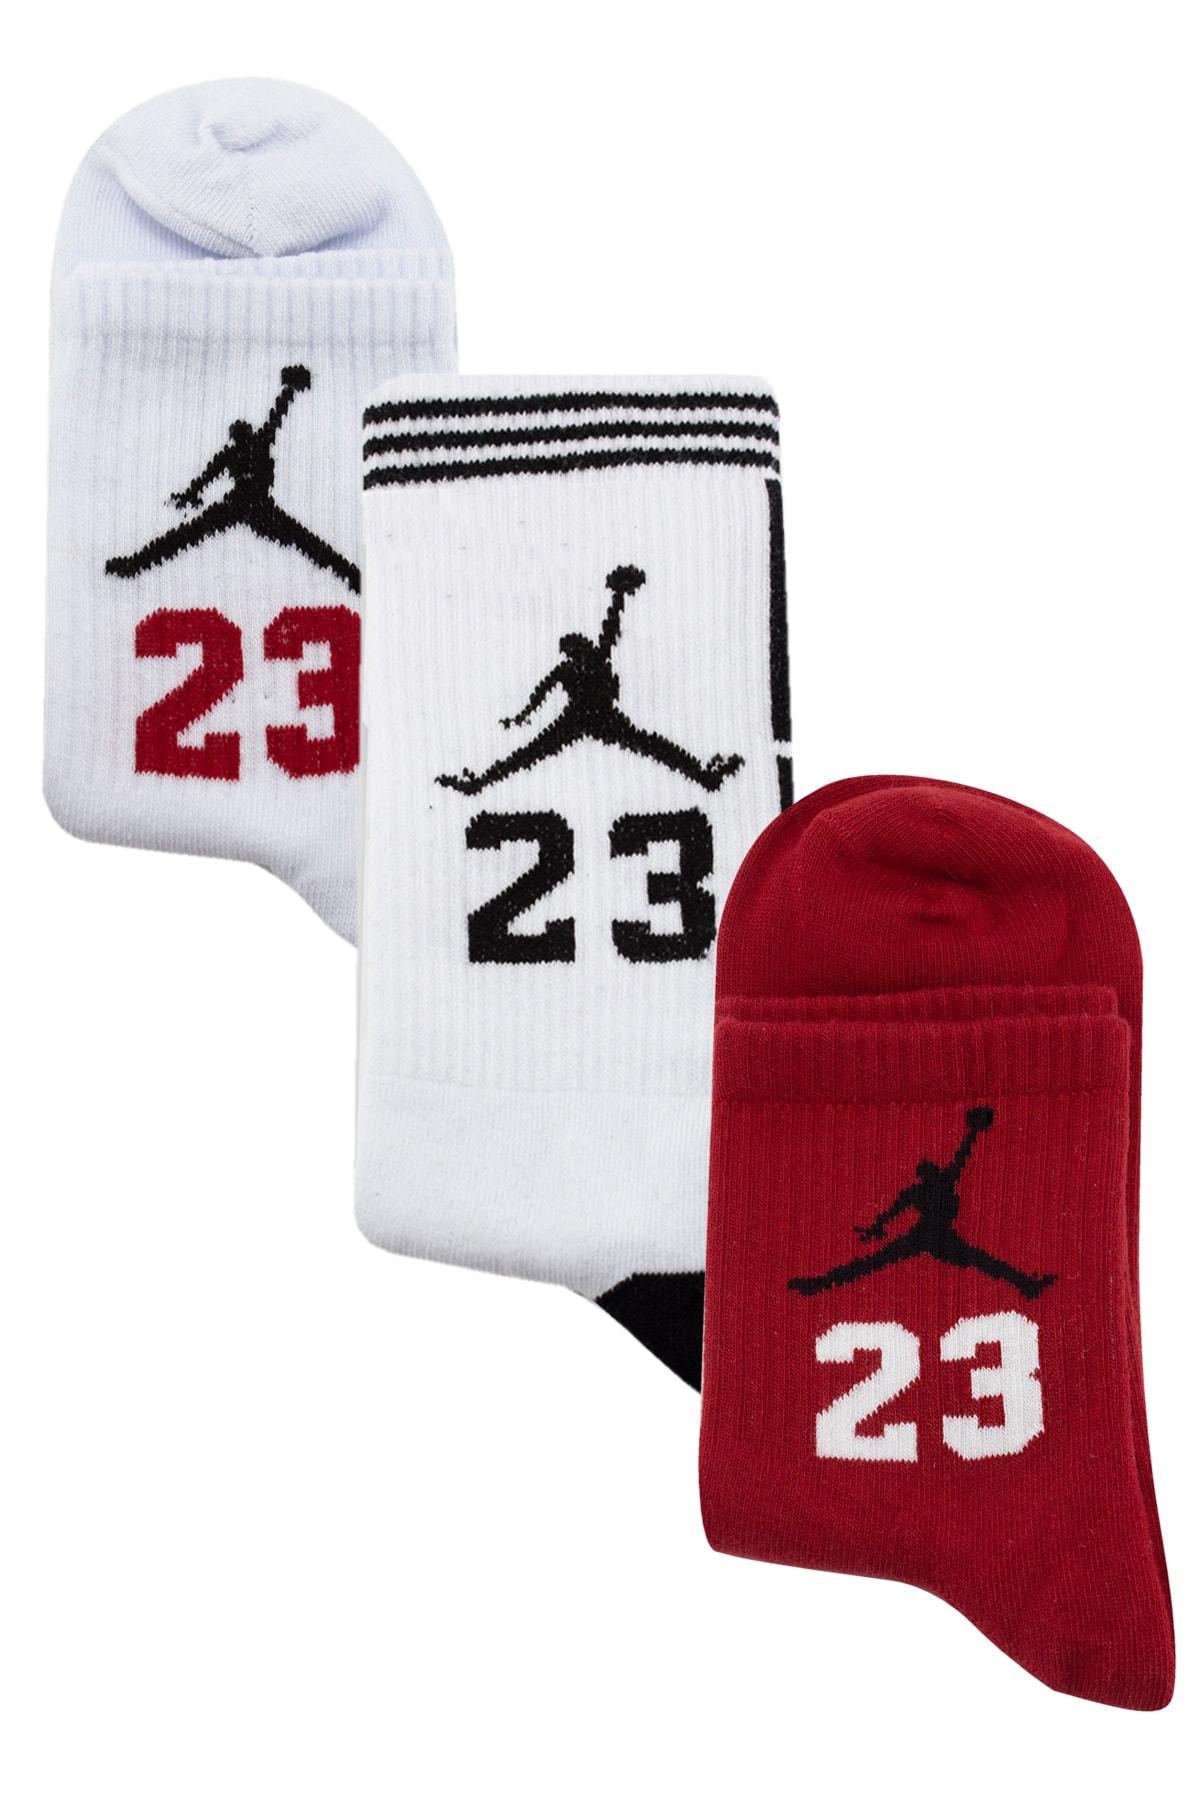 Socksarmy Jordan Desenli Çorap Seti 3 'lü 1